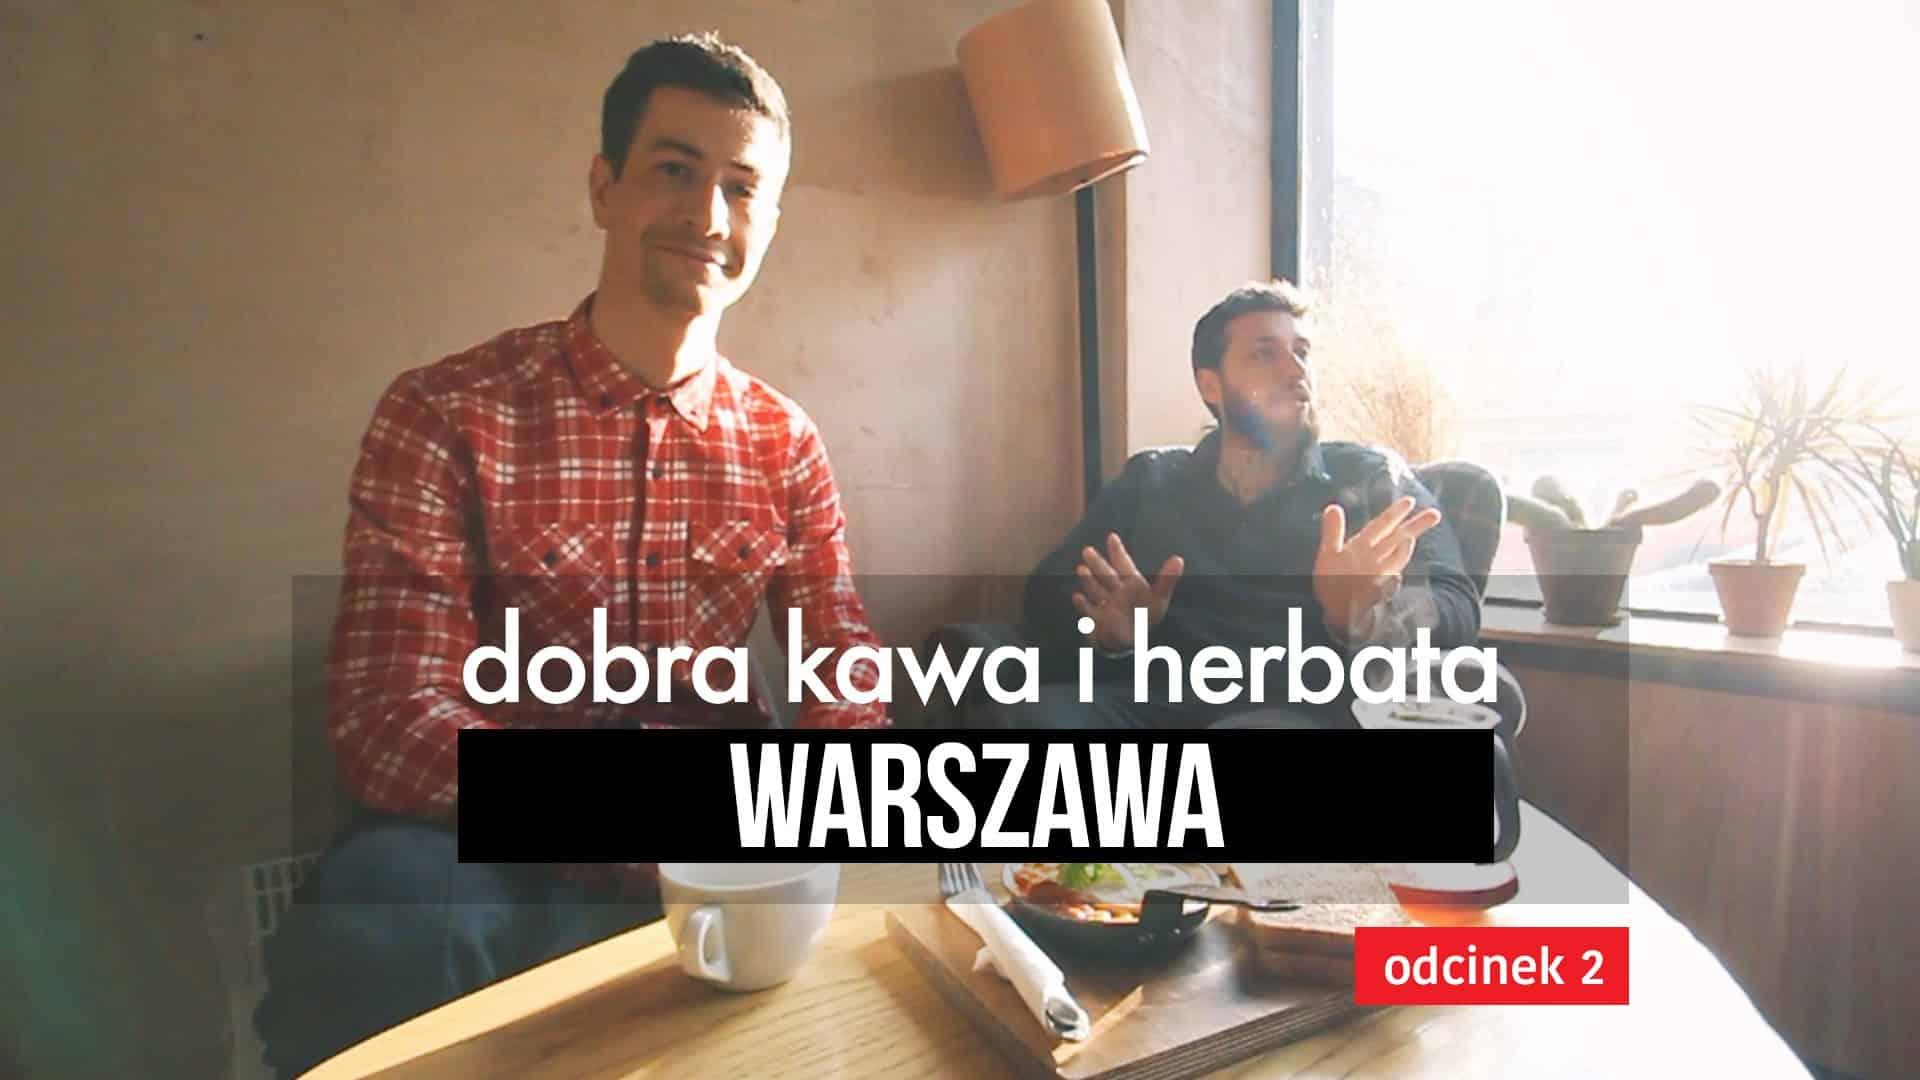 Gdzie wybrać się na dobrą kawę i herbatę w Warszawie? (odcinek 1)